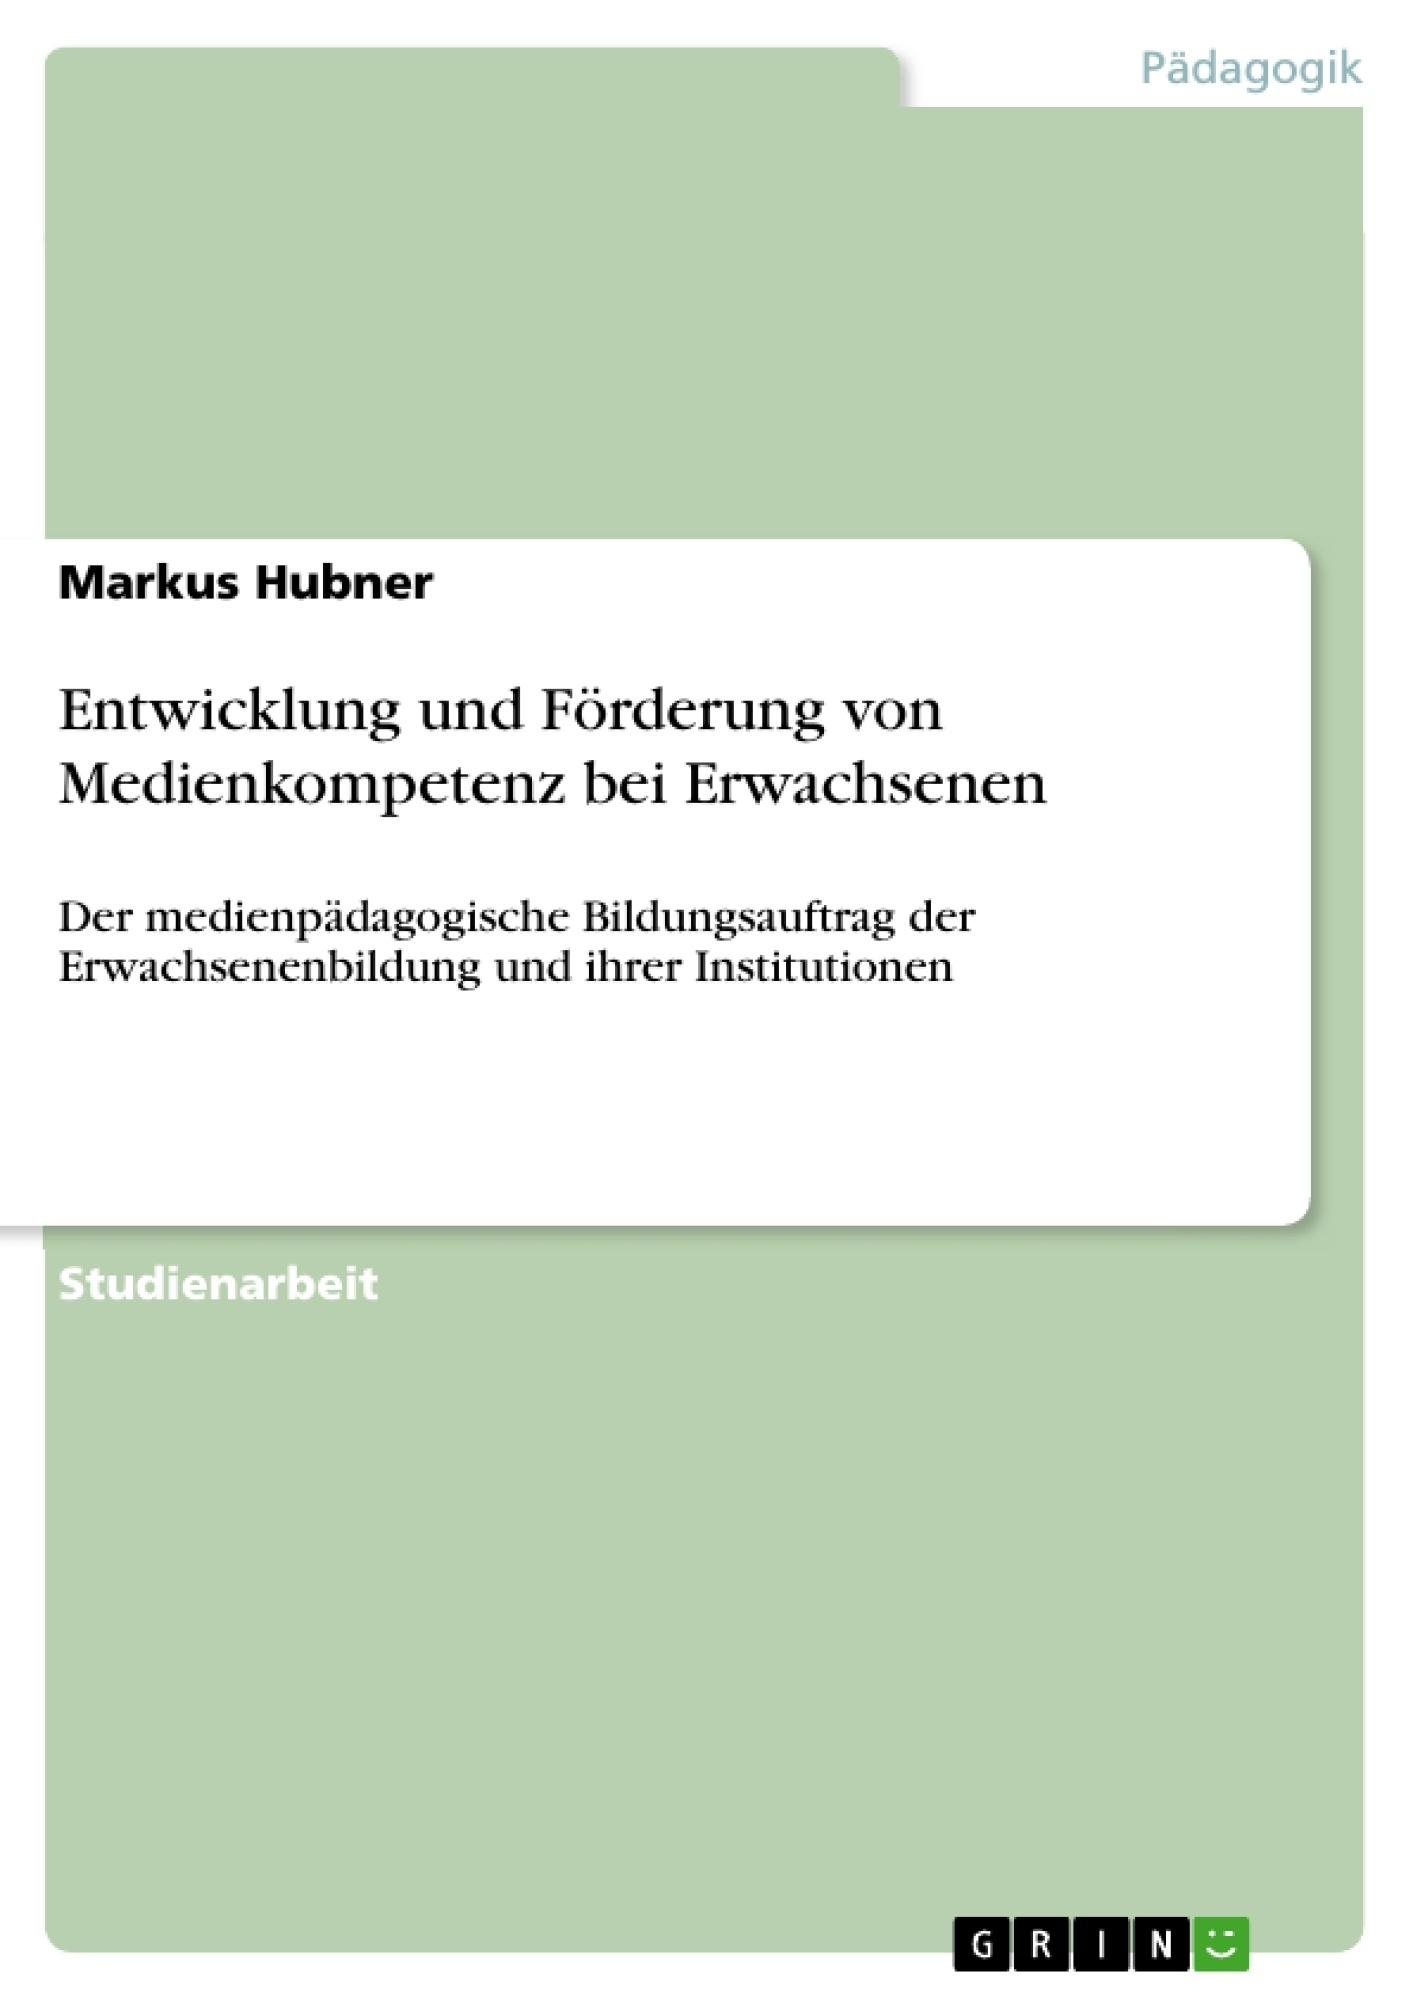 Titel: Entwicklung und Förderung von Medienkompetenz bei Erwachsenen